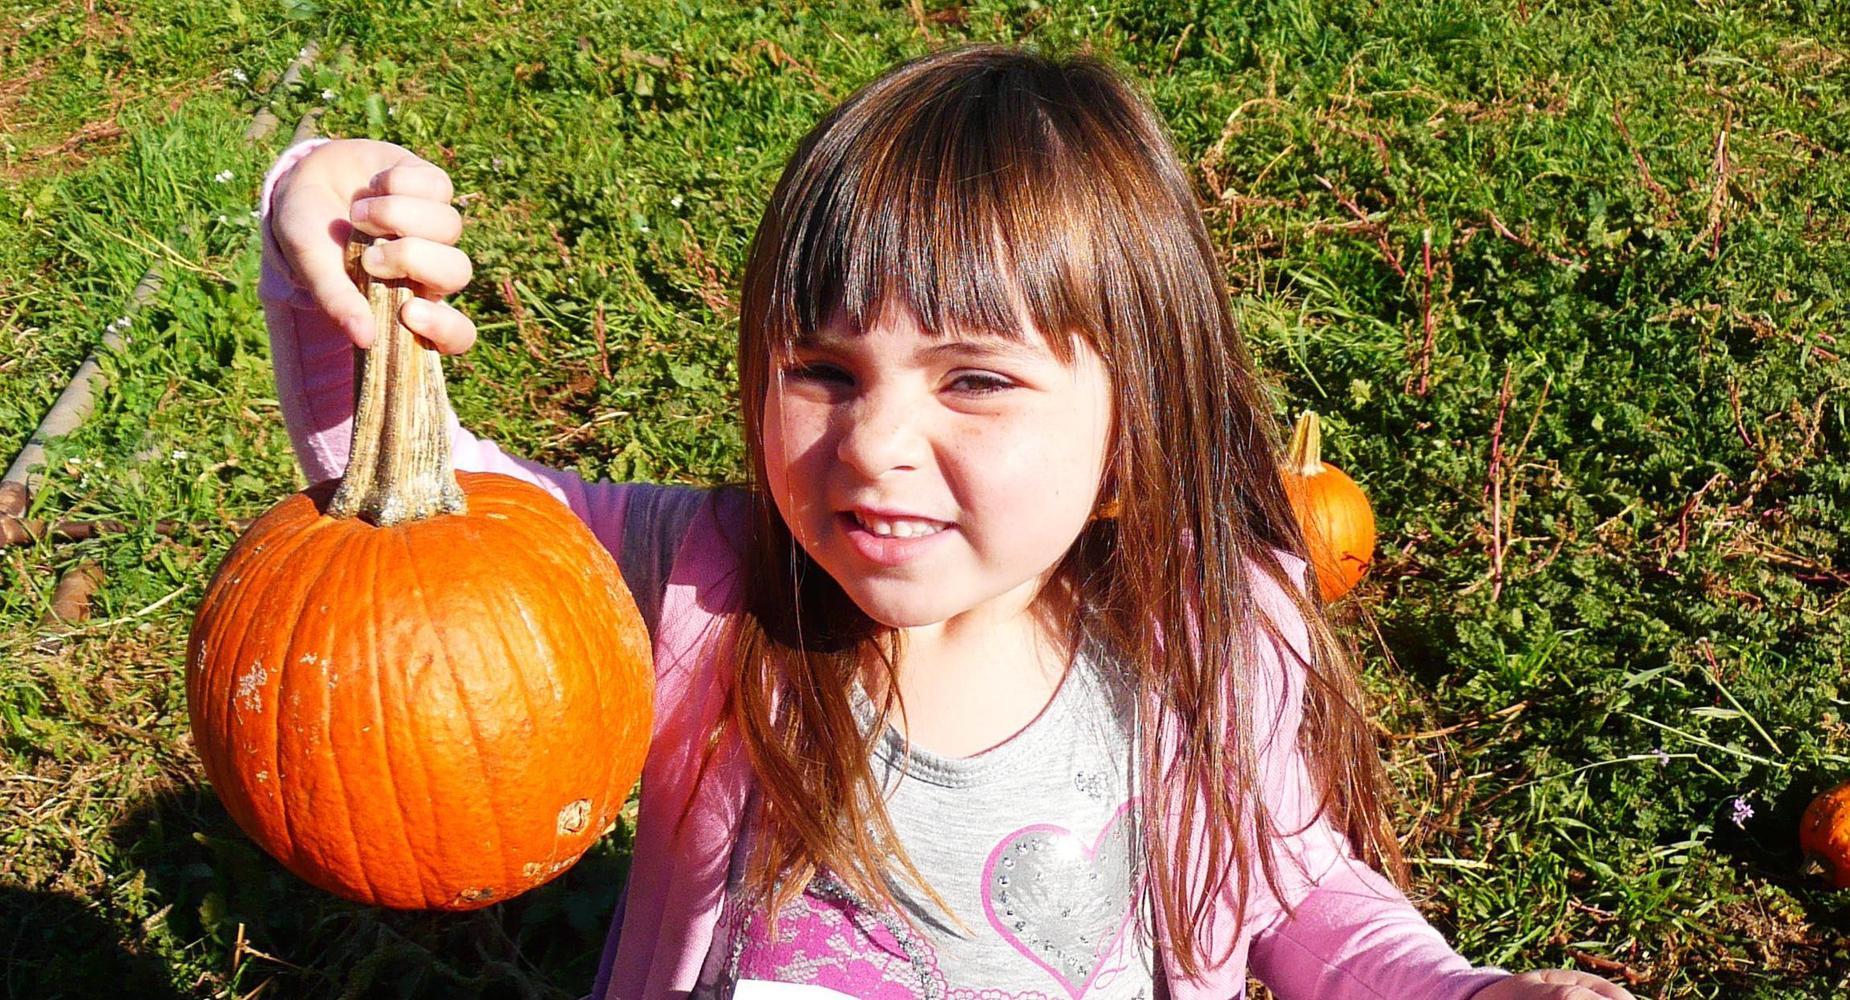 Student holding up a pumpkin